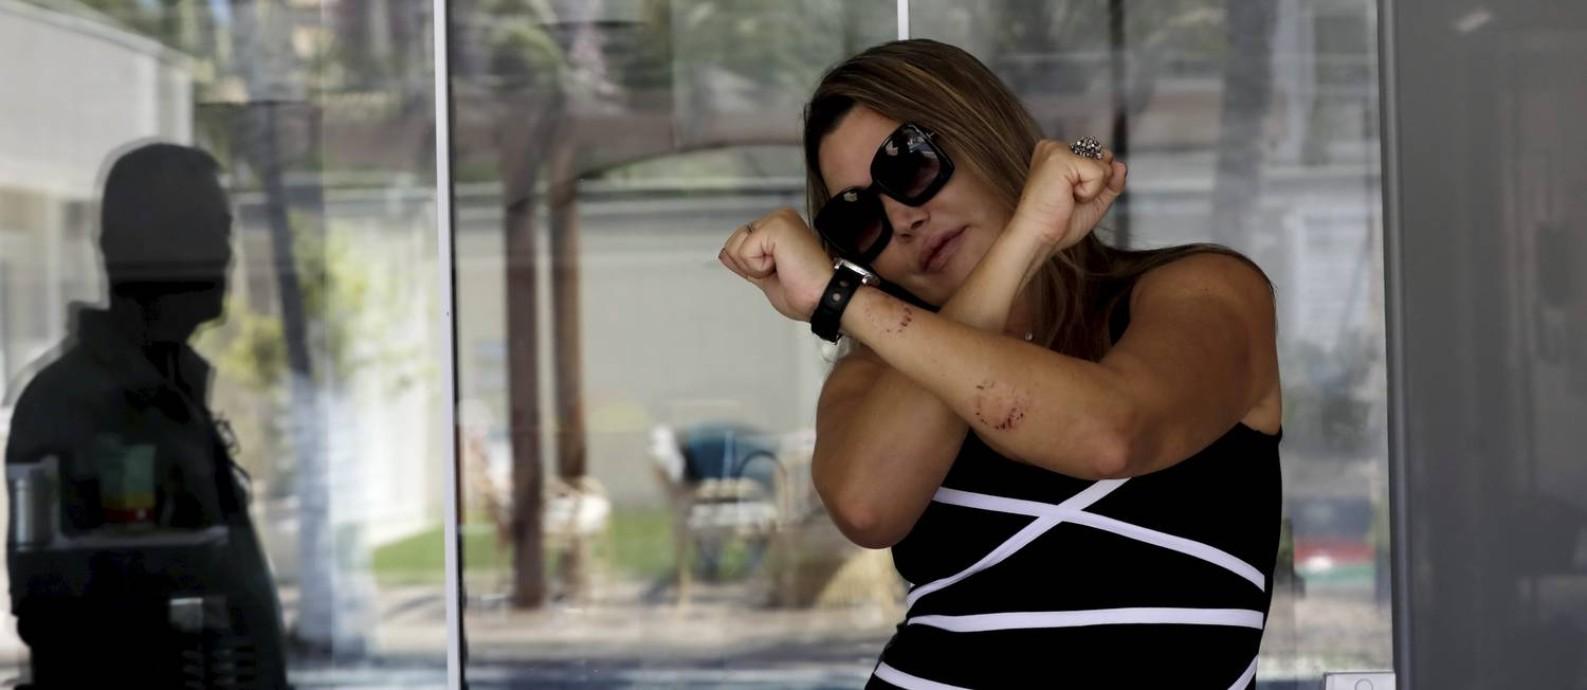 Elaine Caparroz, paisagista que foi espancada por Vinicius Batista Serra durante quatro horas em seu apartamento na Barra, acredita ter sido dopada Foto: Custódio Coimbra / Agência O Globo